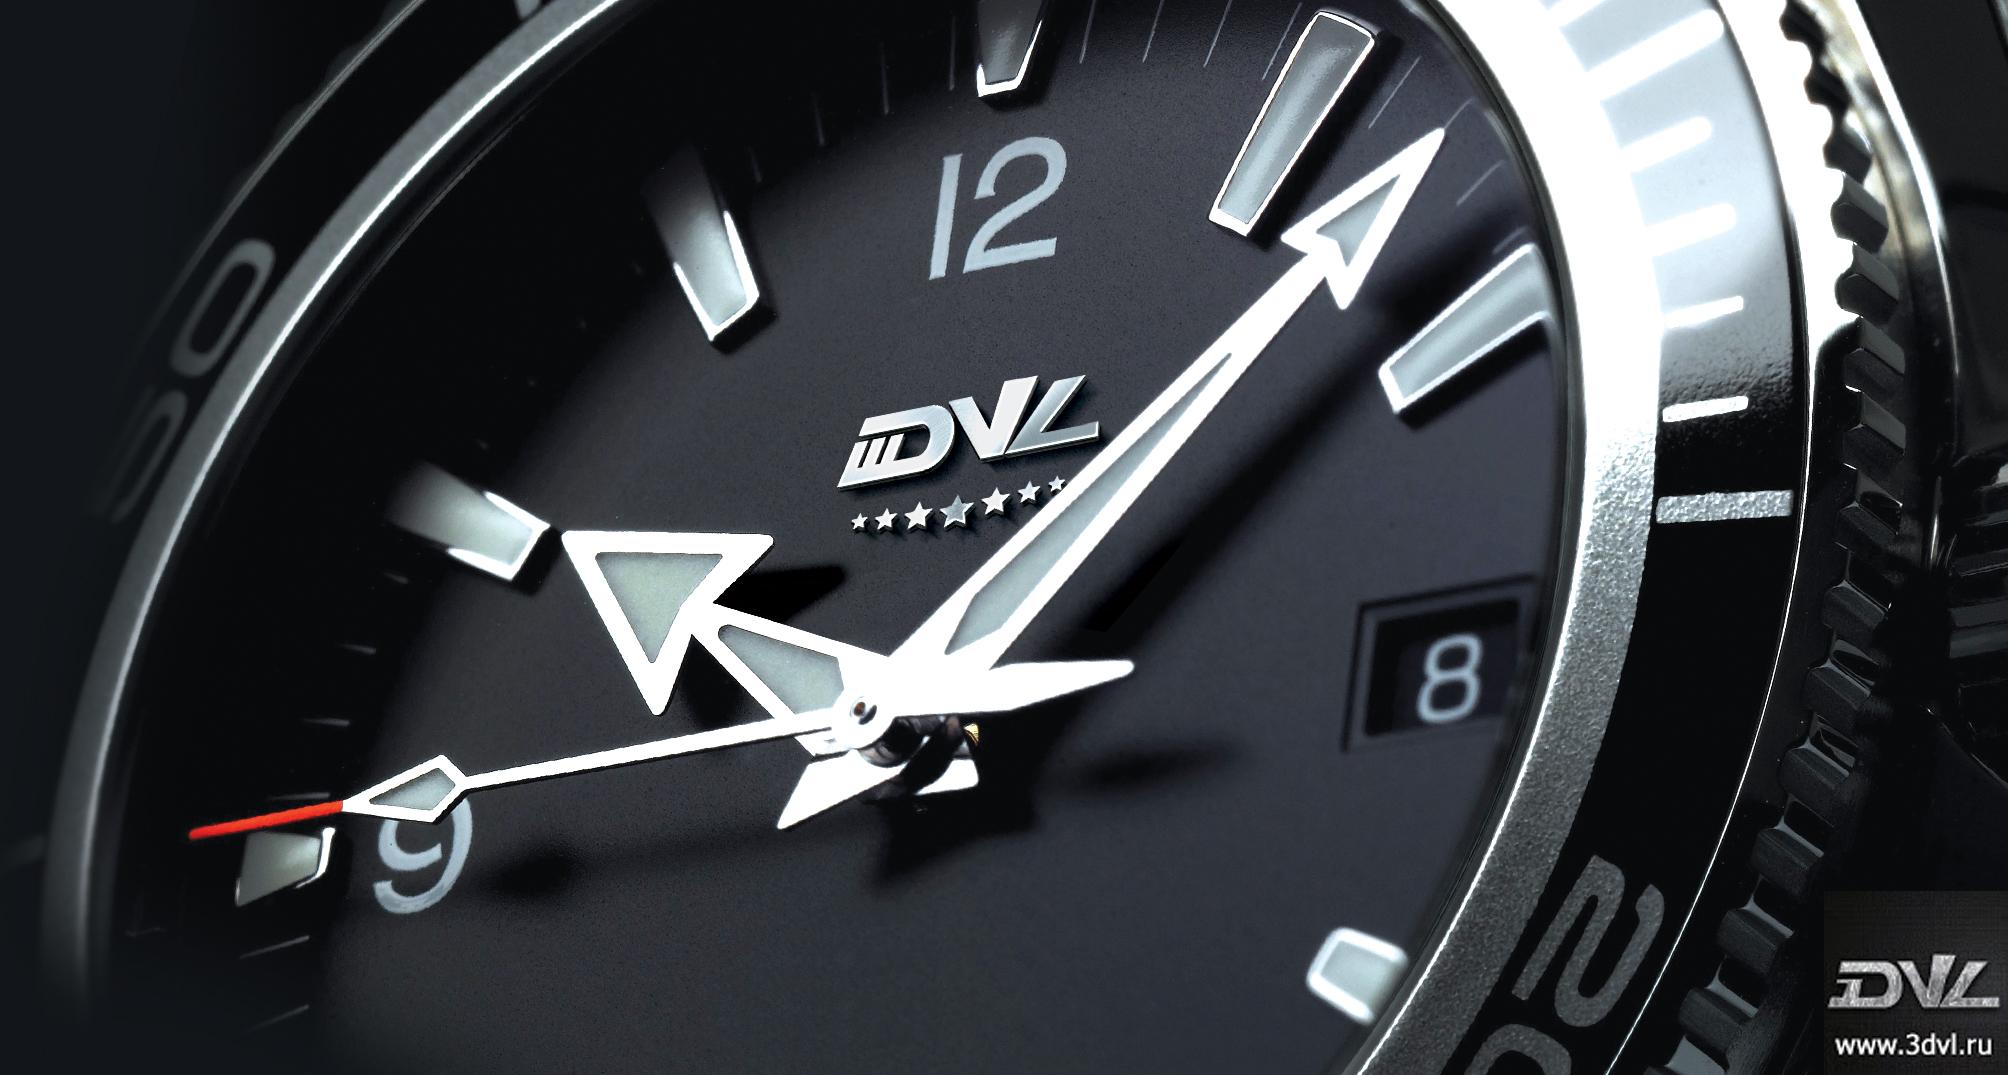 время работы компании 3DVL